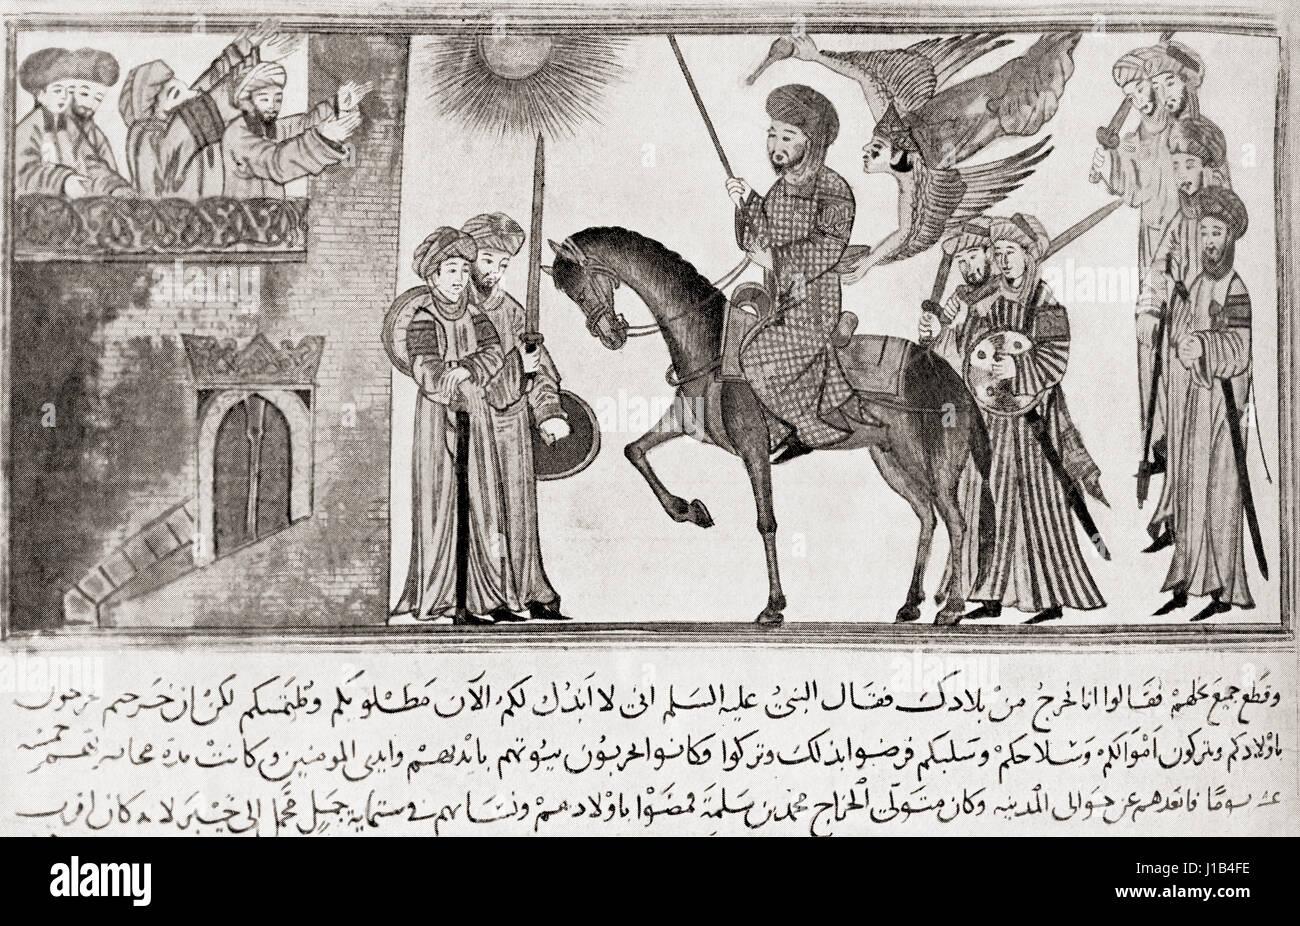 Mu?ammad ibn ' Abdull?h, c. 570-632.  Prophet des Islam. Von Hutchinson Geschichte der Nationen veröffentlicht Stockbild